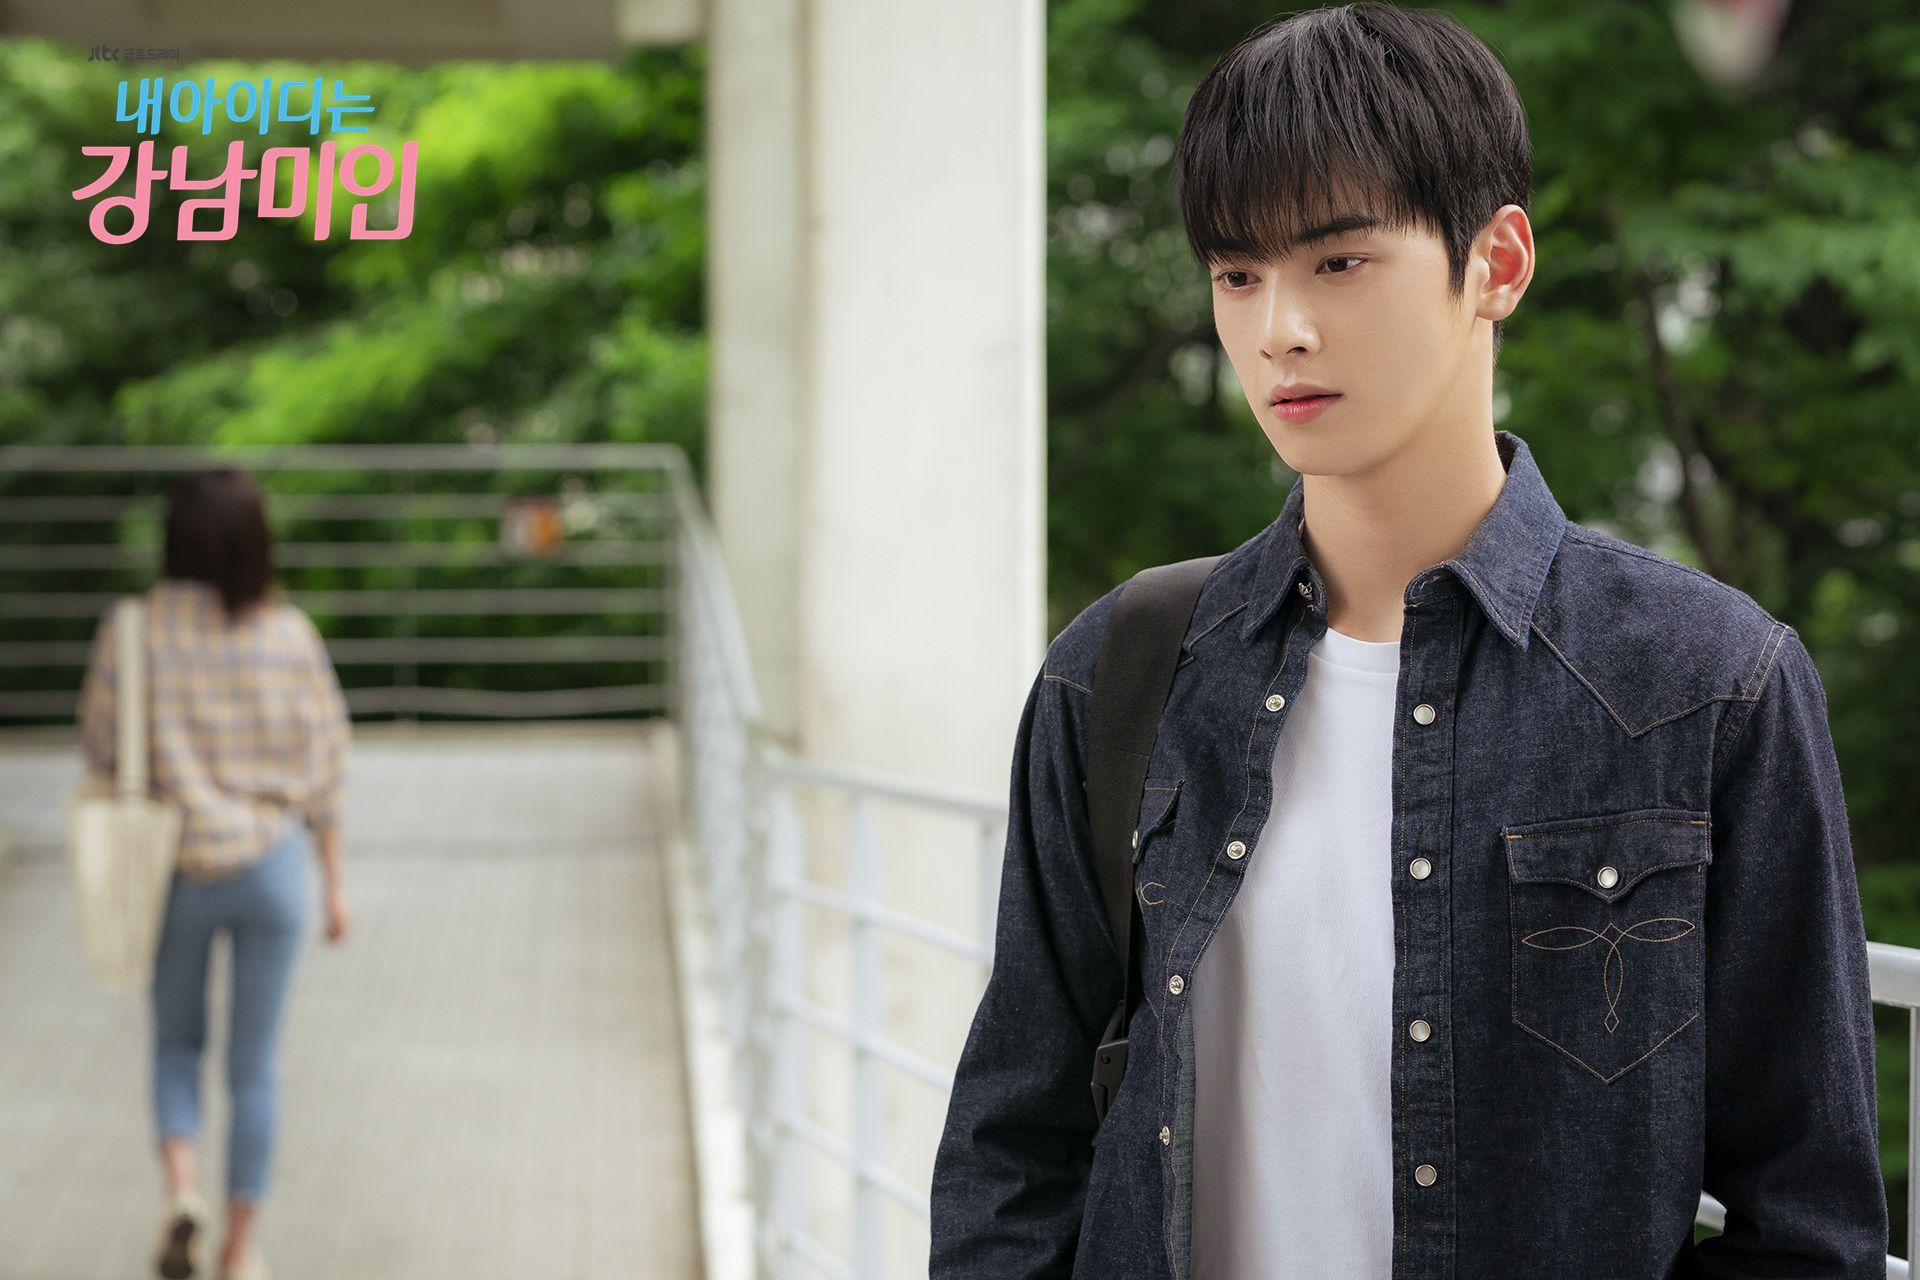 「韓國電視劇大賞」的大贏家:《金秘書為何那樣》黃燦盛、《我的ID是江南美人》車銀優!